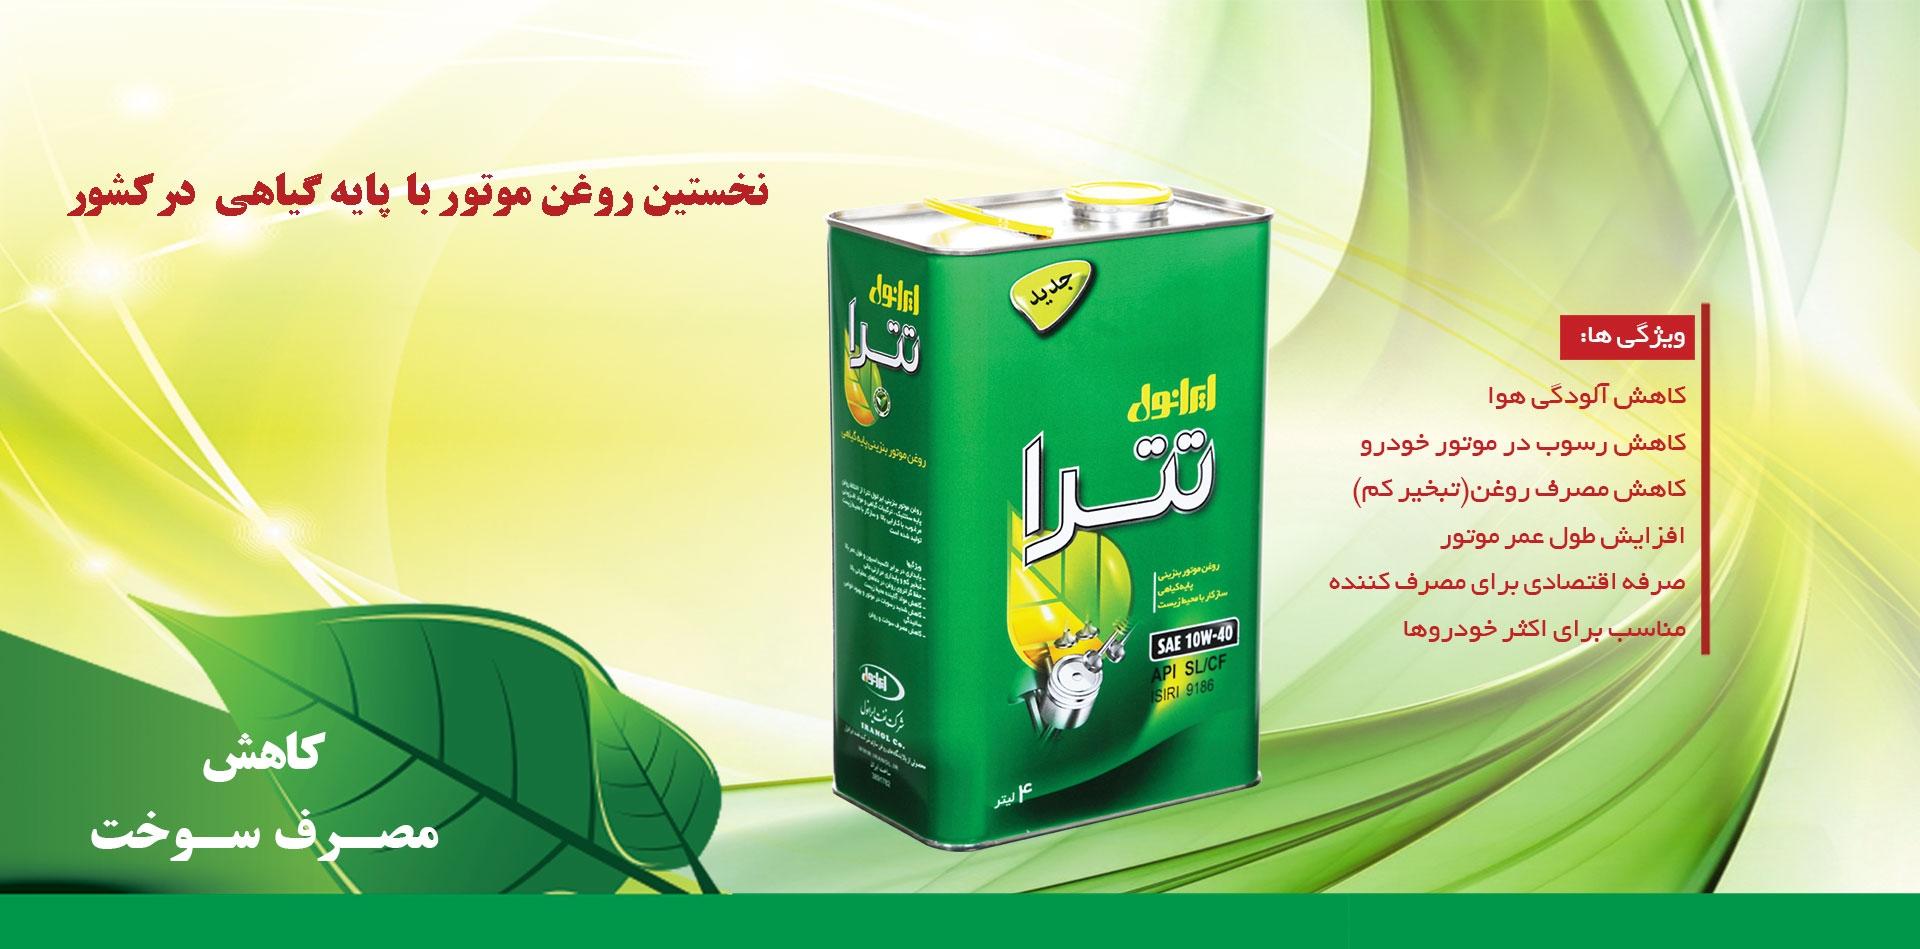 اولین روغن موتور بنزینی پایه گیاهی در ایران